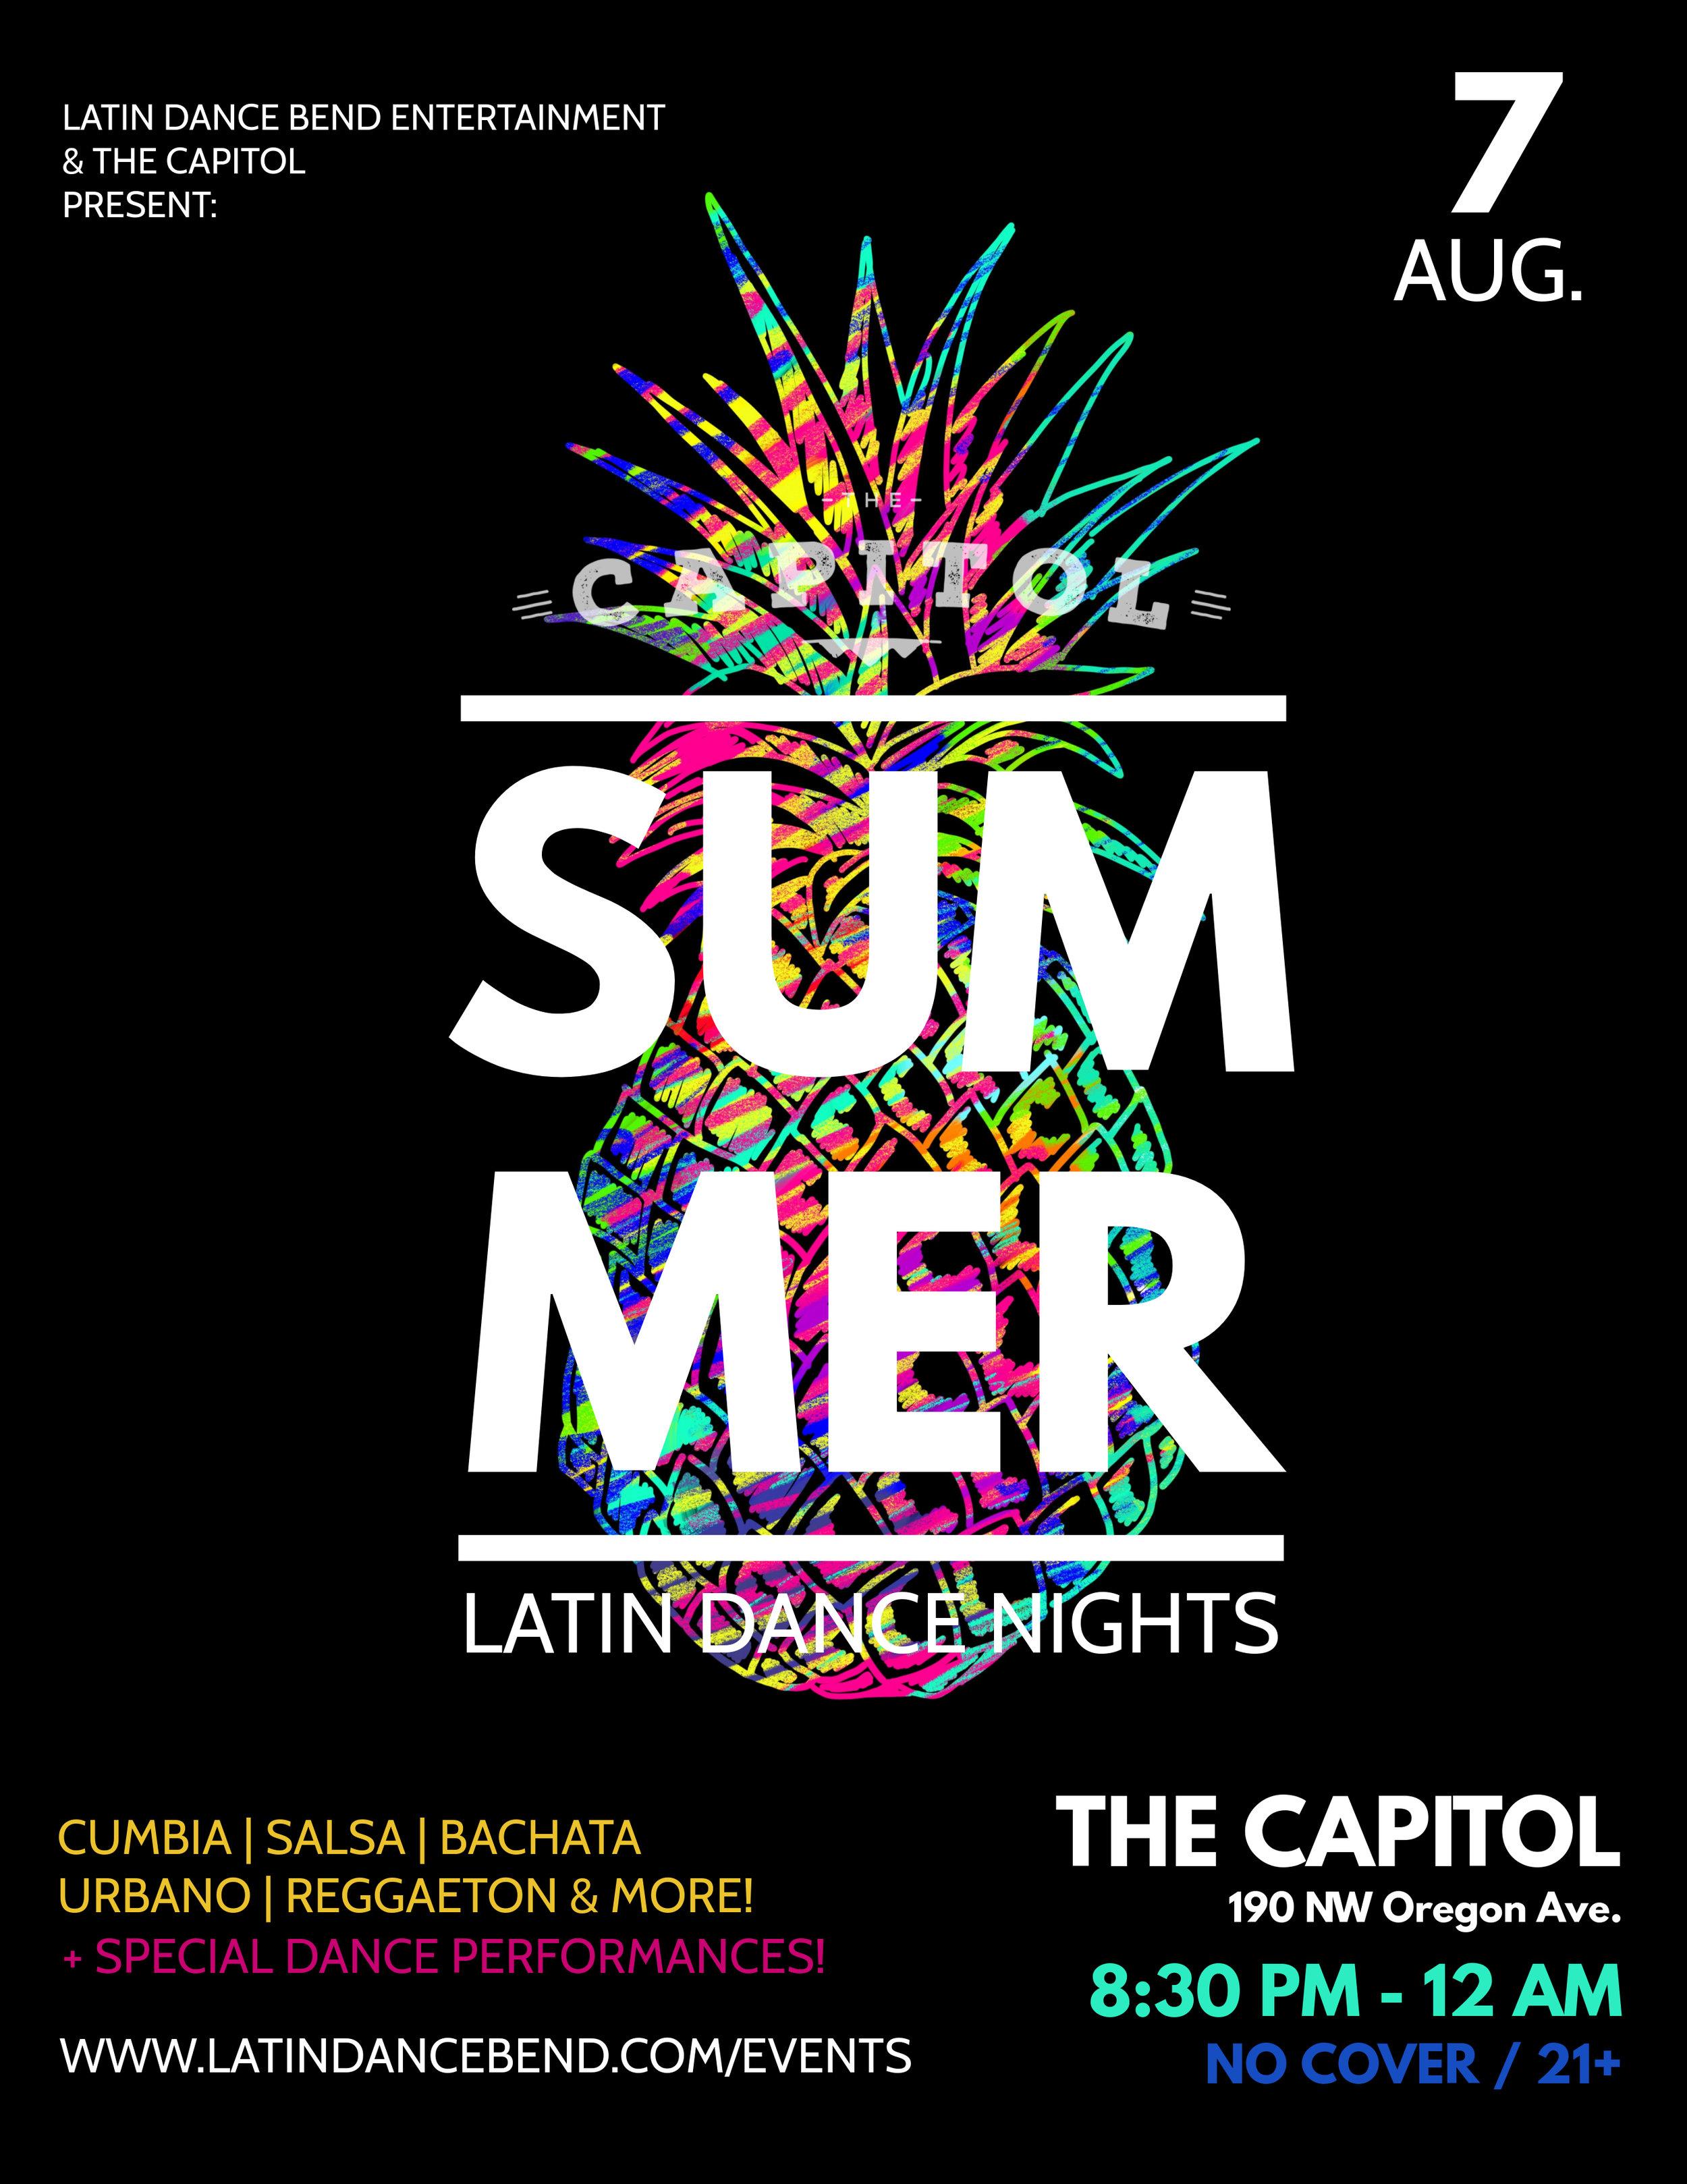 CapitolSummer-August.jpg